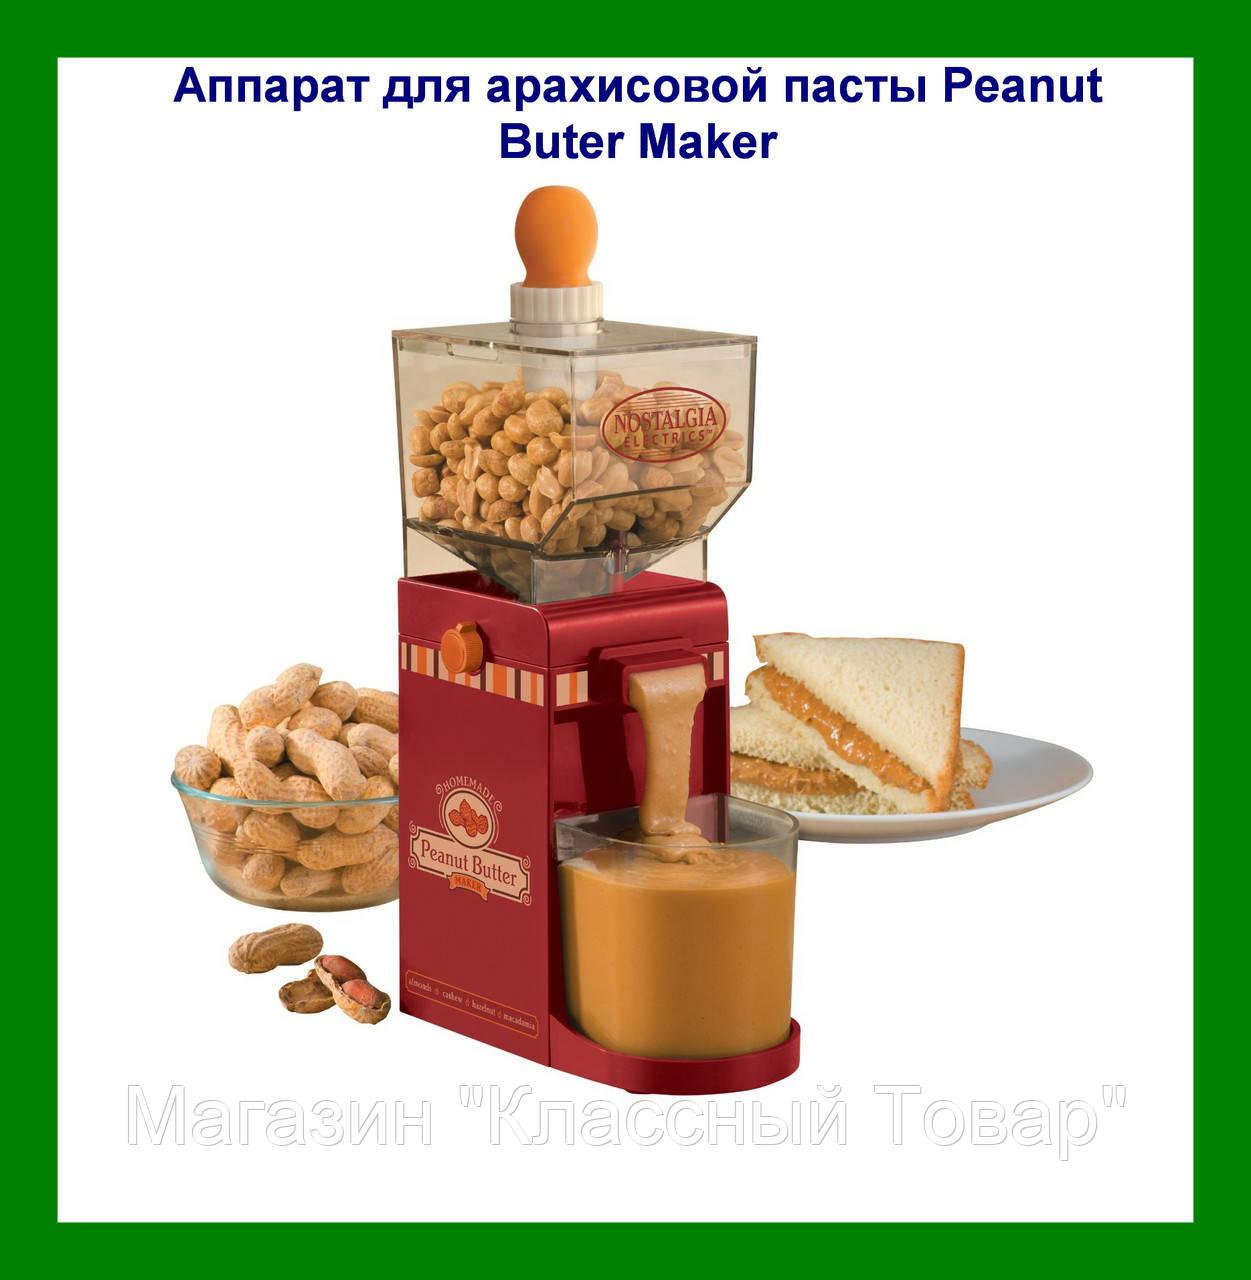 Аппарат для арахисовой пасты Peanut Butter Maker Машинка для измельчения орехов Пинат Батер Мейкер! Лучший подарок